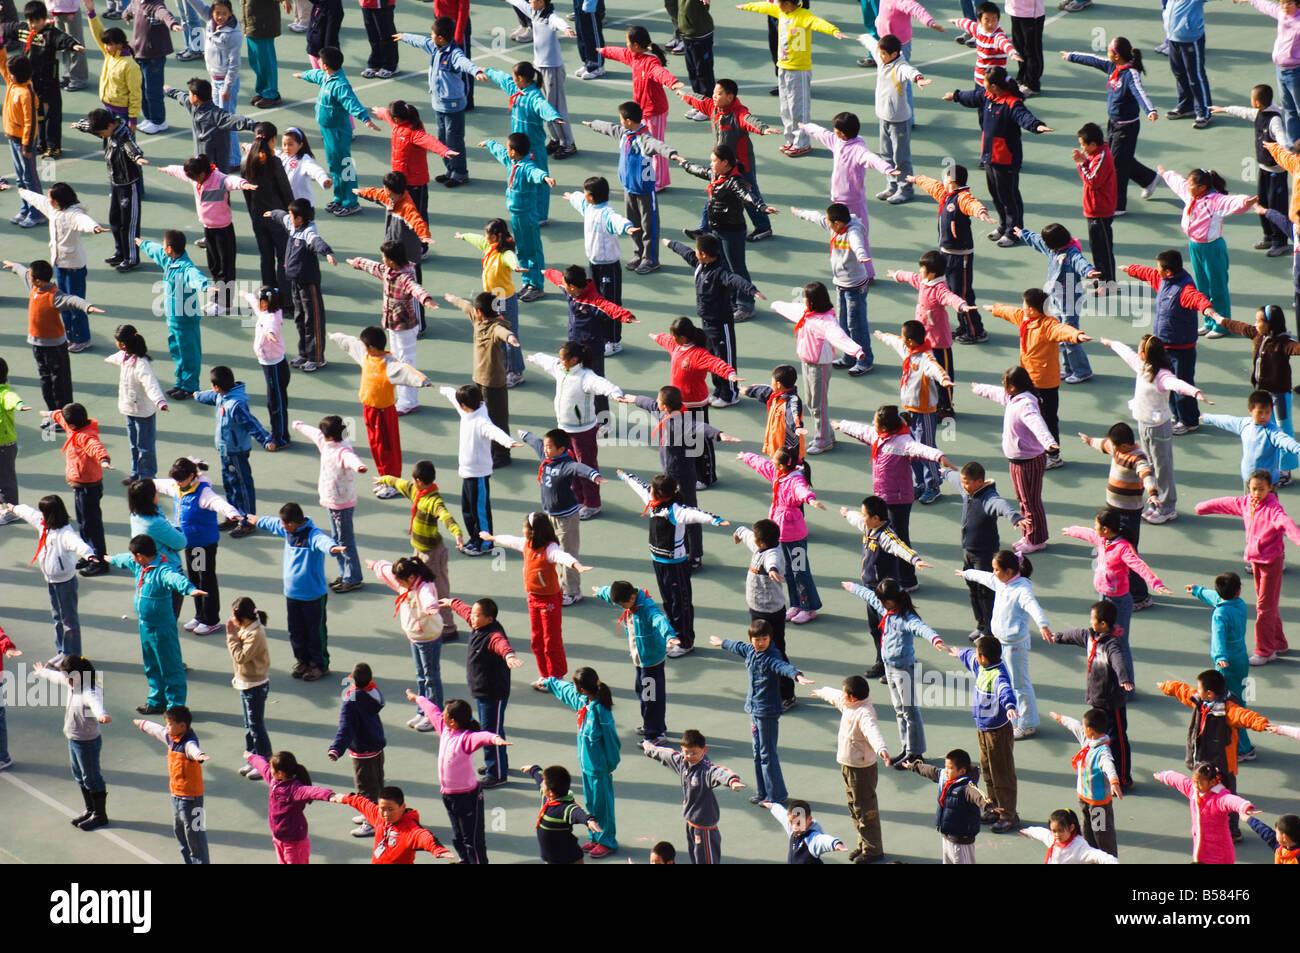 Les enfants de l'école junior exerçant dans des vêtements colorés, Beijing, China, Asia Photo Stock